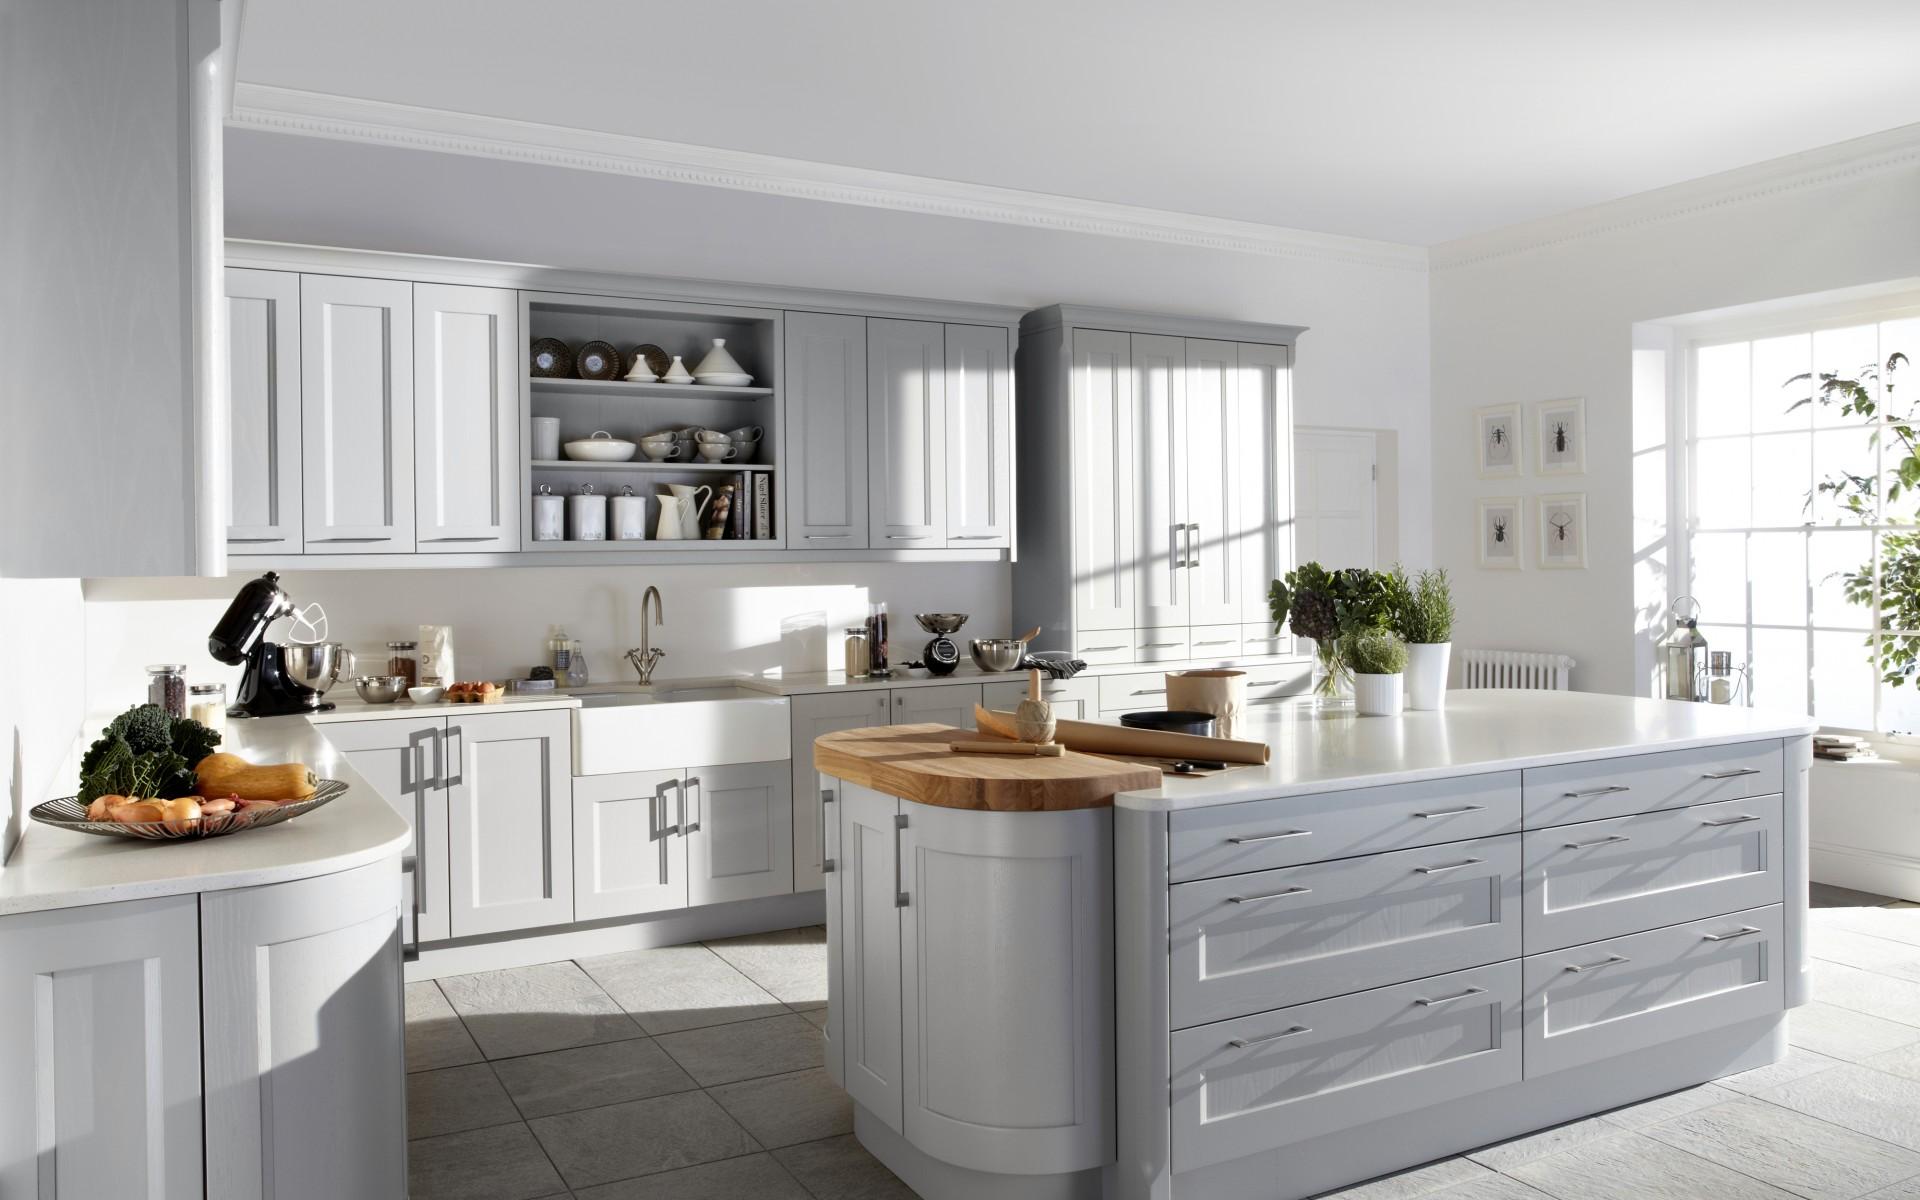 Шикарная белая кухня в стиле модерн